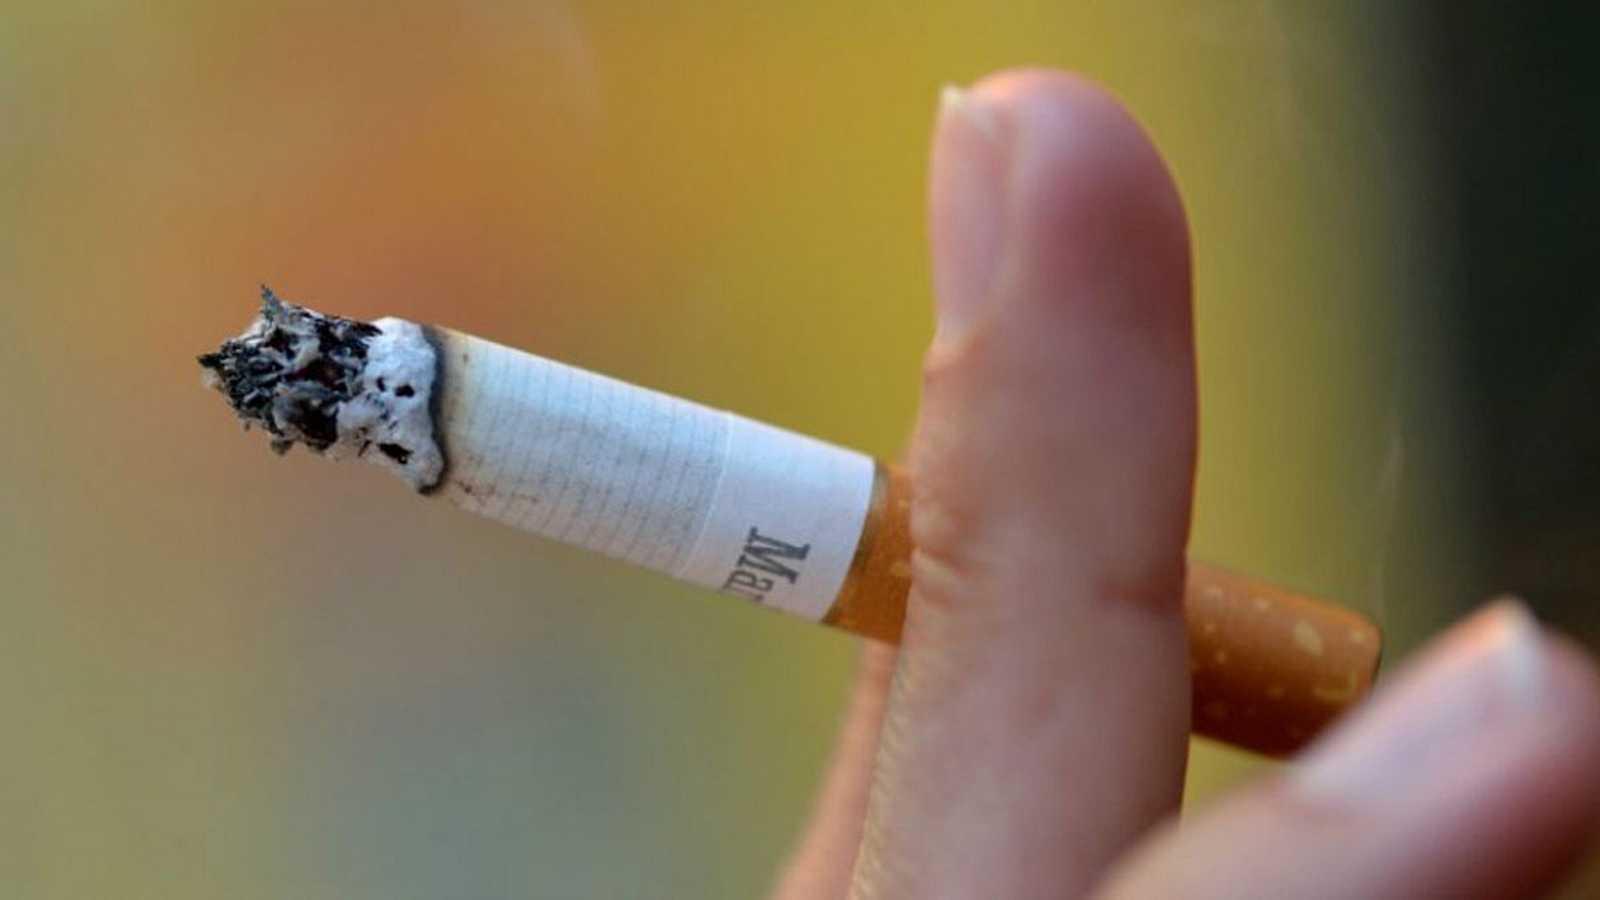 Un tribunal de Córdoba retira a un padre la custodia compartida de sus dos hijos por fumar de forma irresponsable